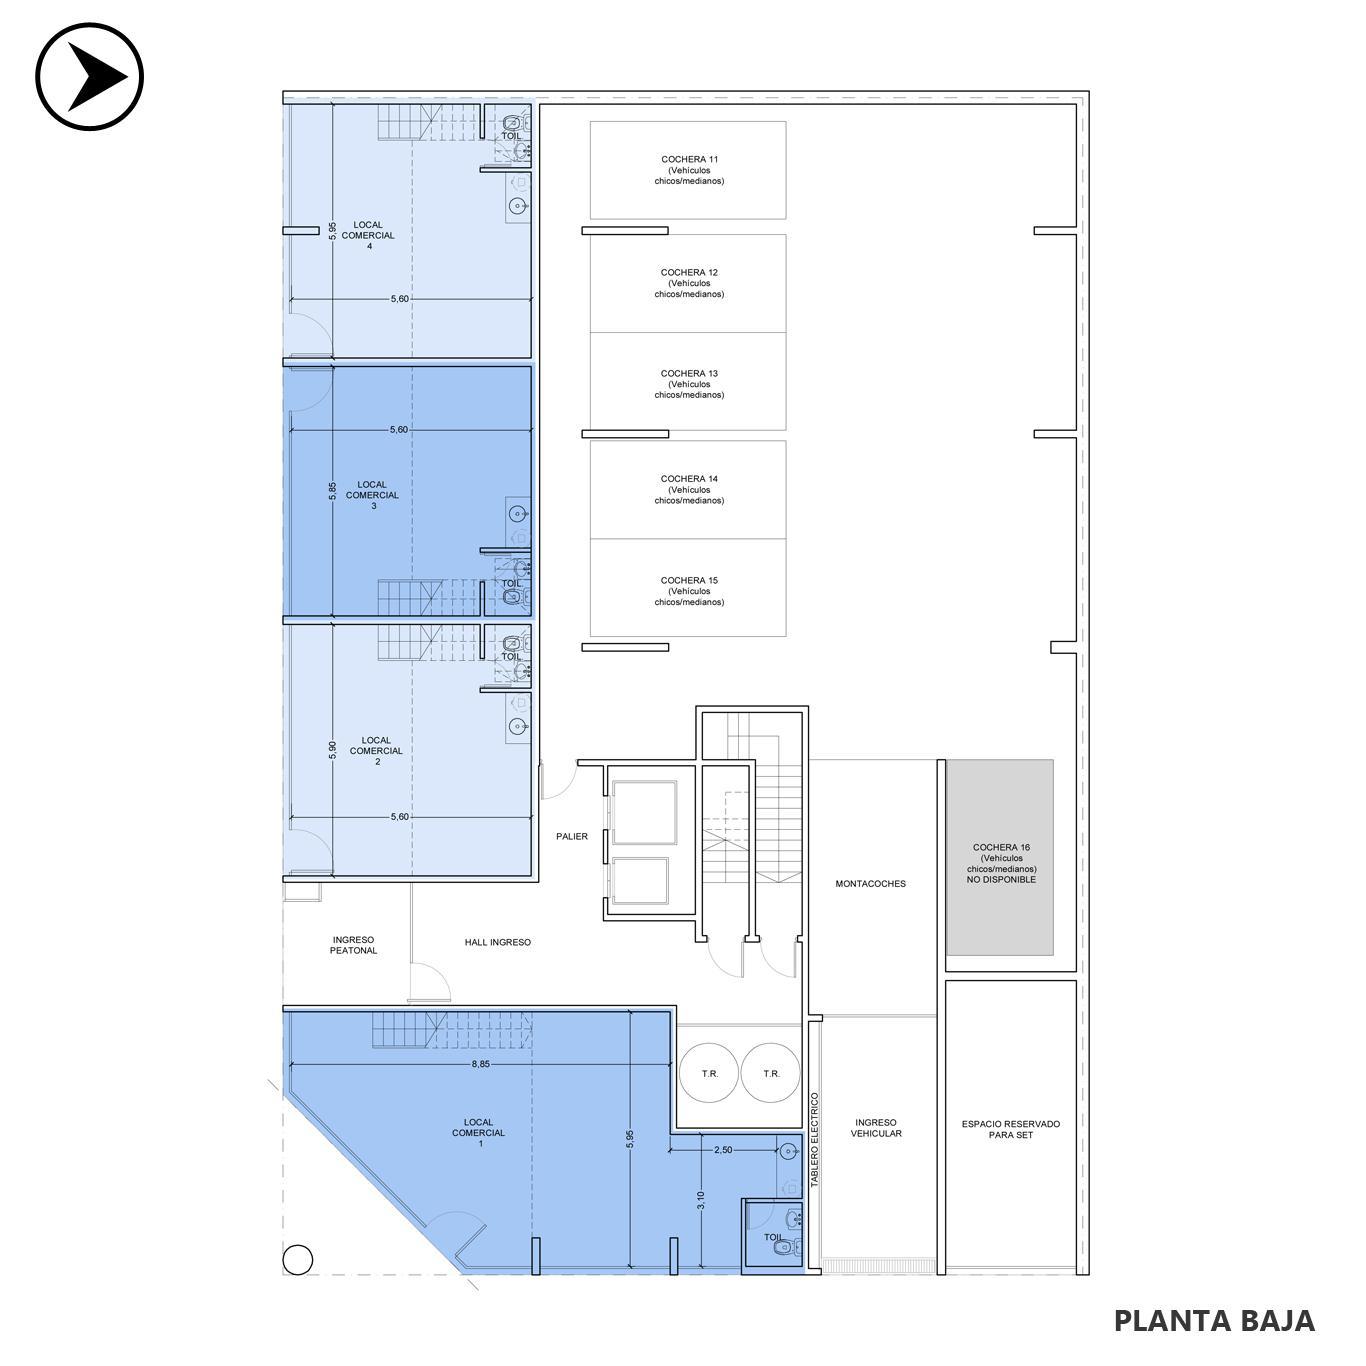 Venta departamento 1 dormitorio Rosario, República De La Sexta. Cod CBU24602 AP2290654. Crestale Propiedades